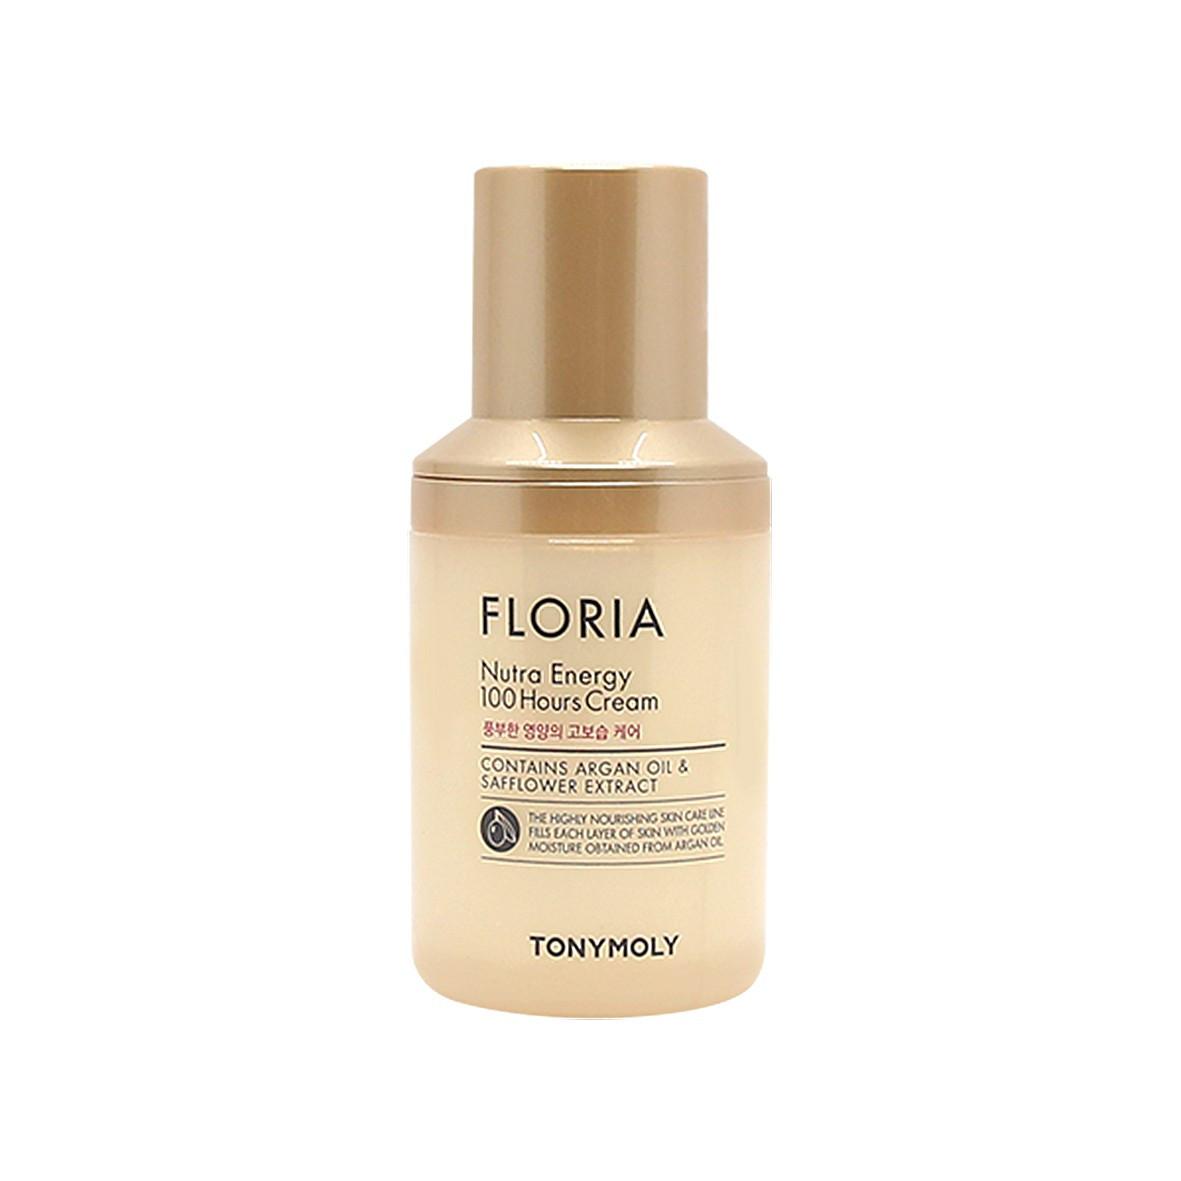 Увлажняющий крем с аргановым маслом Tony Moly Floria Nutra Energy 100 Hours Cream 50 мл